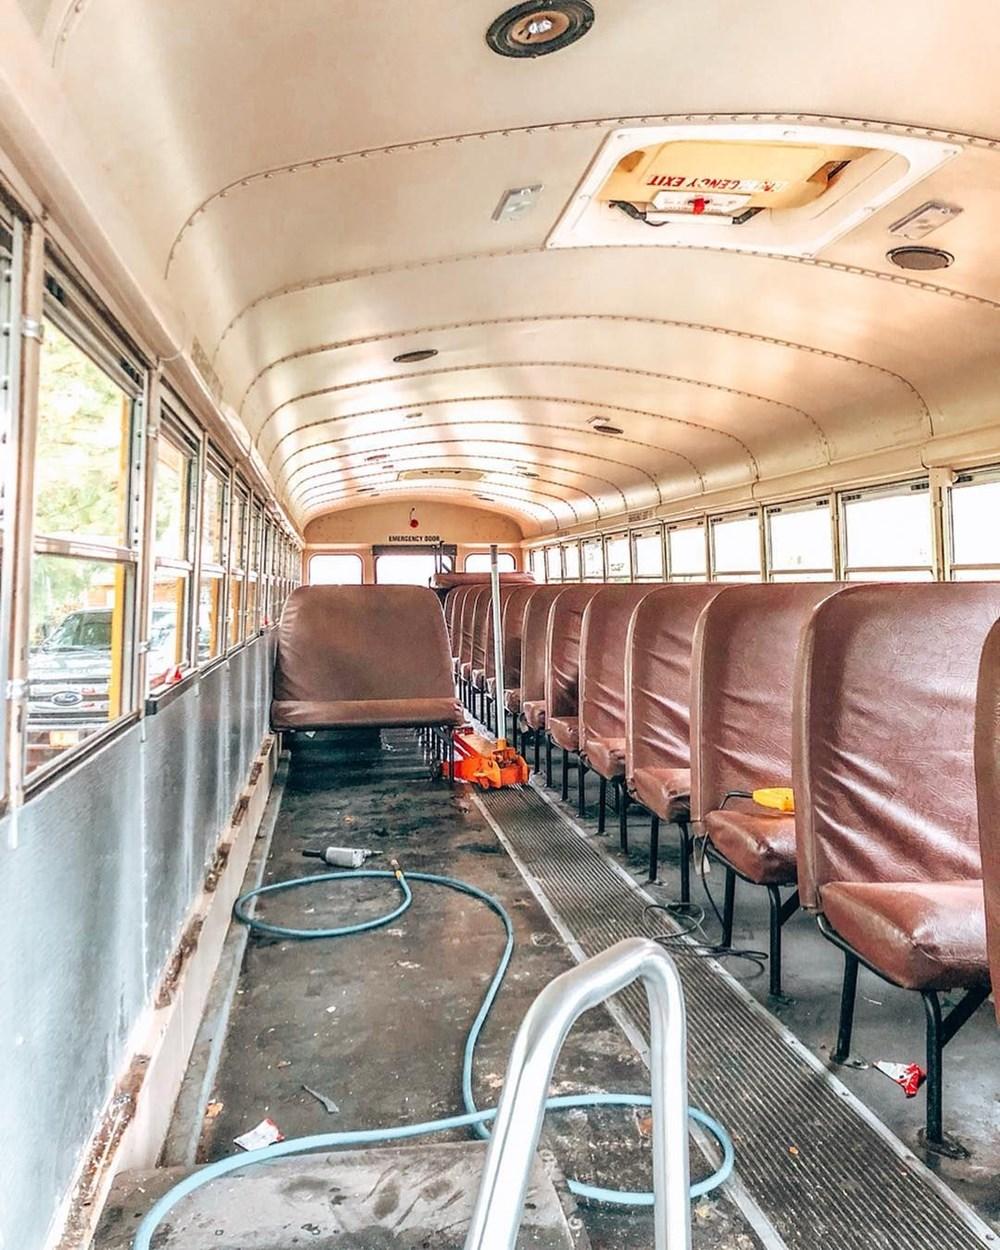 İşlerinden istifa edip karavana çevirdikleri okul servisiyle dünya turuna çıktılar - 2